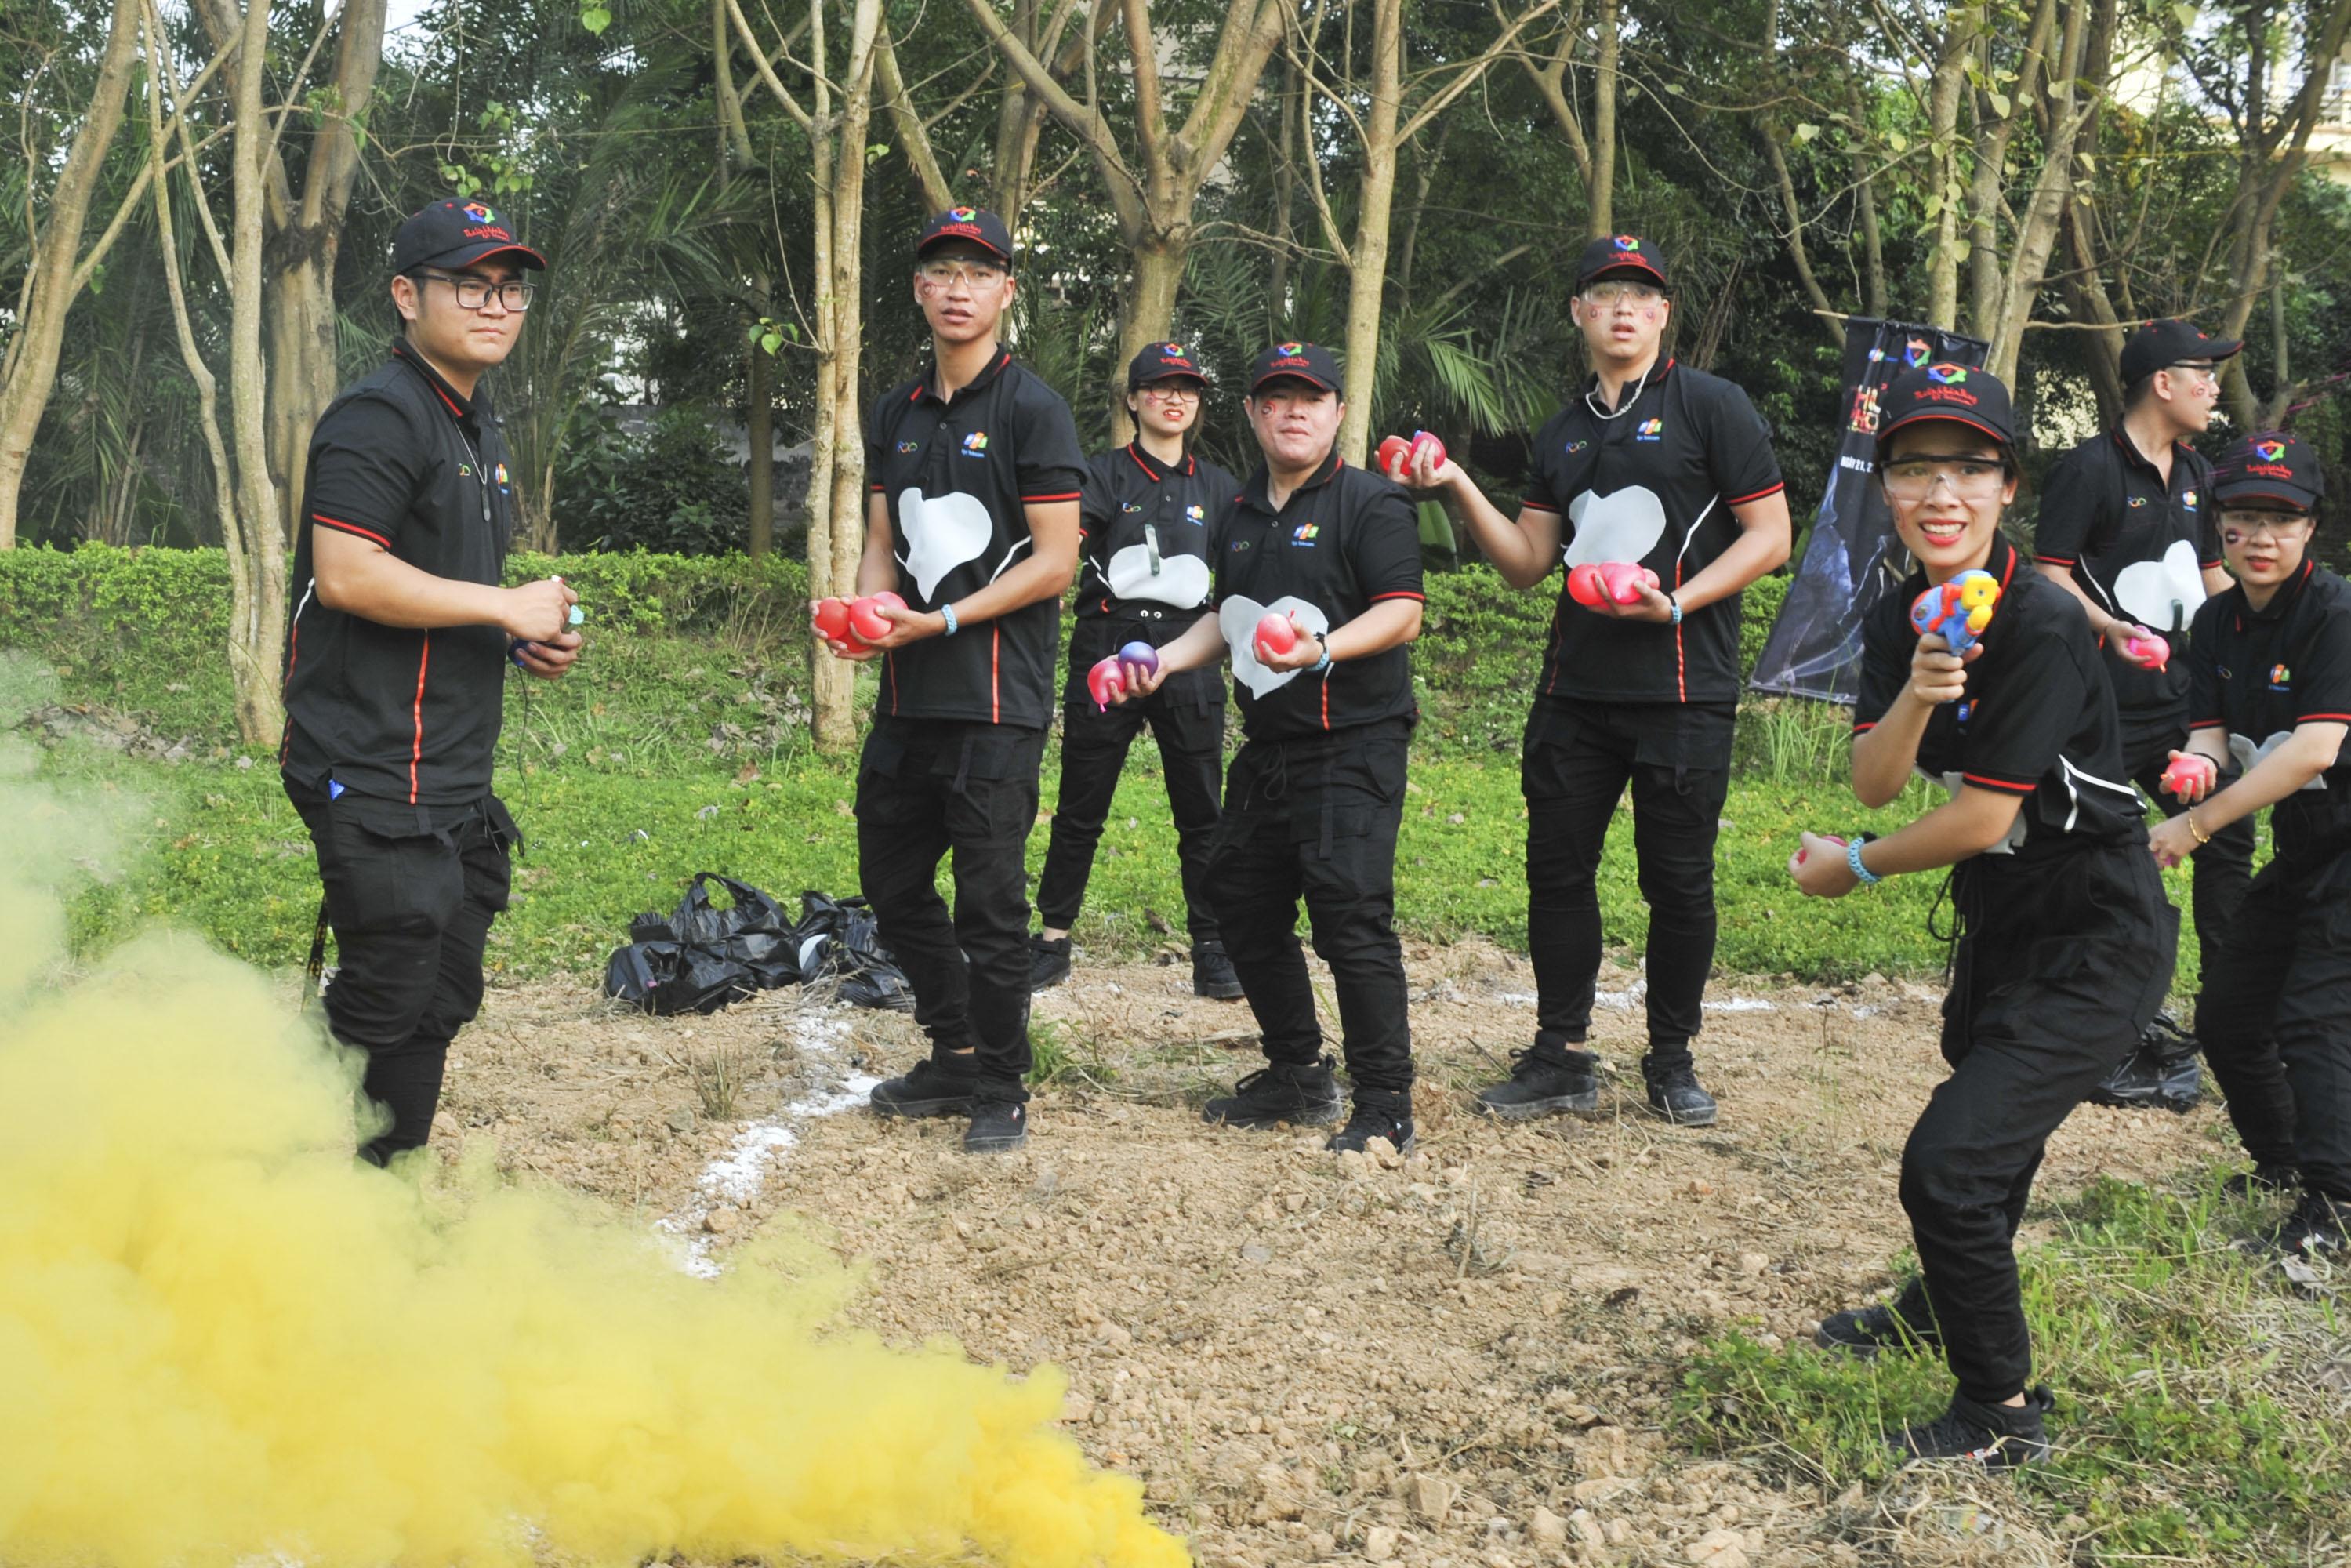 Sau vòng 1, các đội trở về vùng cận chiến. Vì một sự cố từ chương trình nên tiểu đội 1 vẫn còn nguyên vẹn các thành viên để chuẩn bị chiến đấu trong vòng 2. Lực lượng áp đảo này khiến các đội còn lại phải dè chừng.